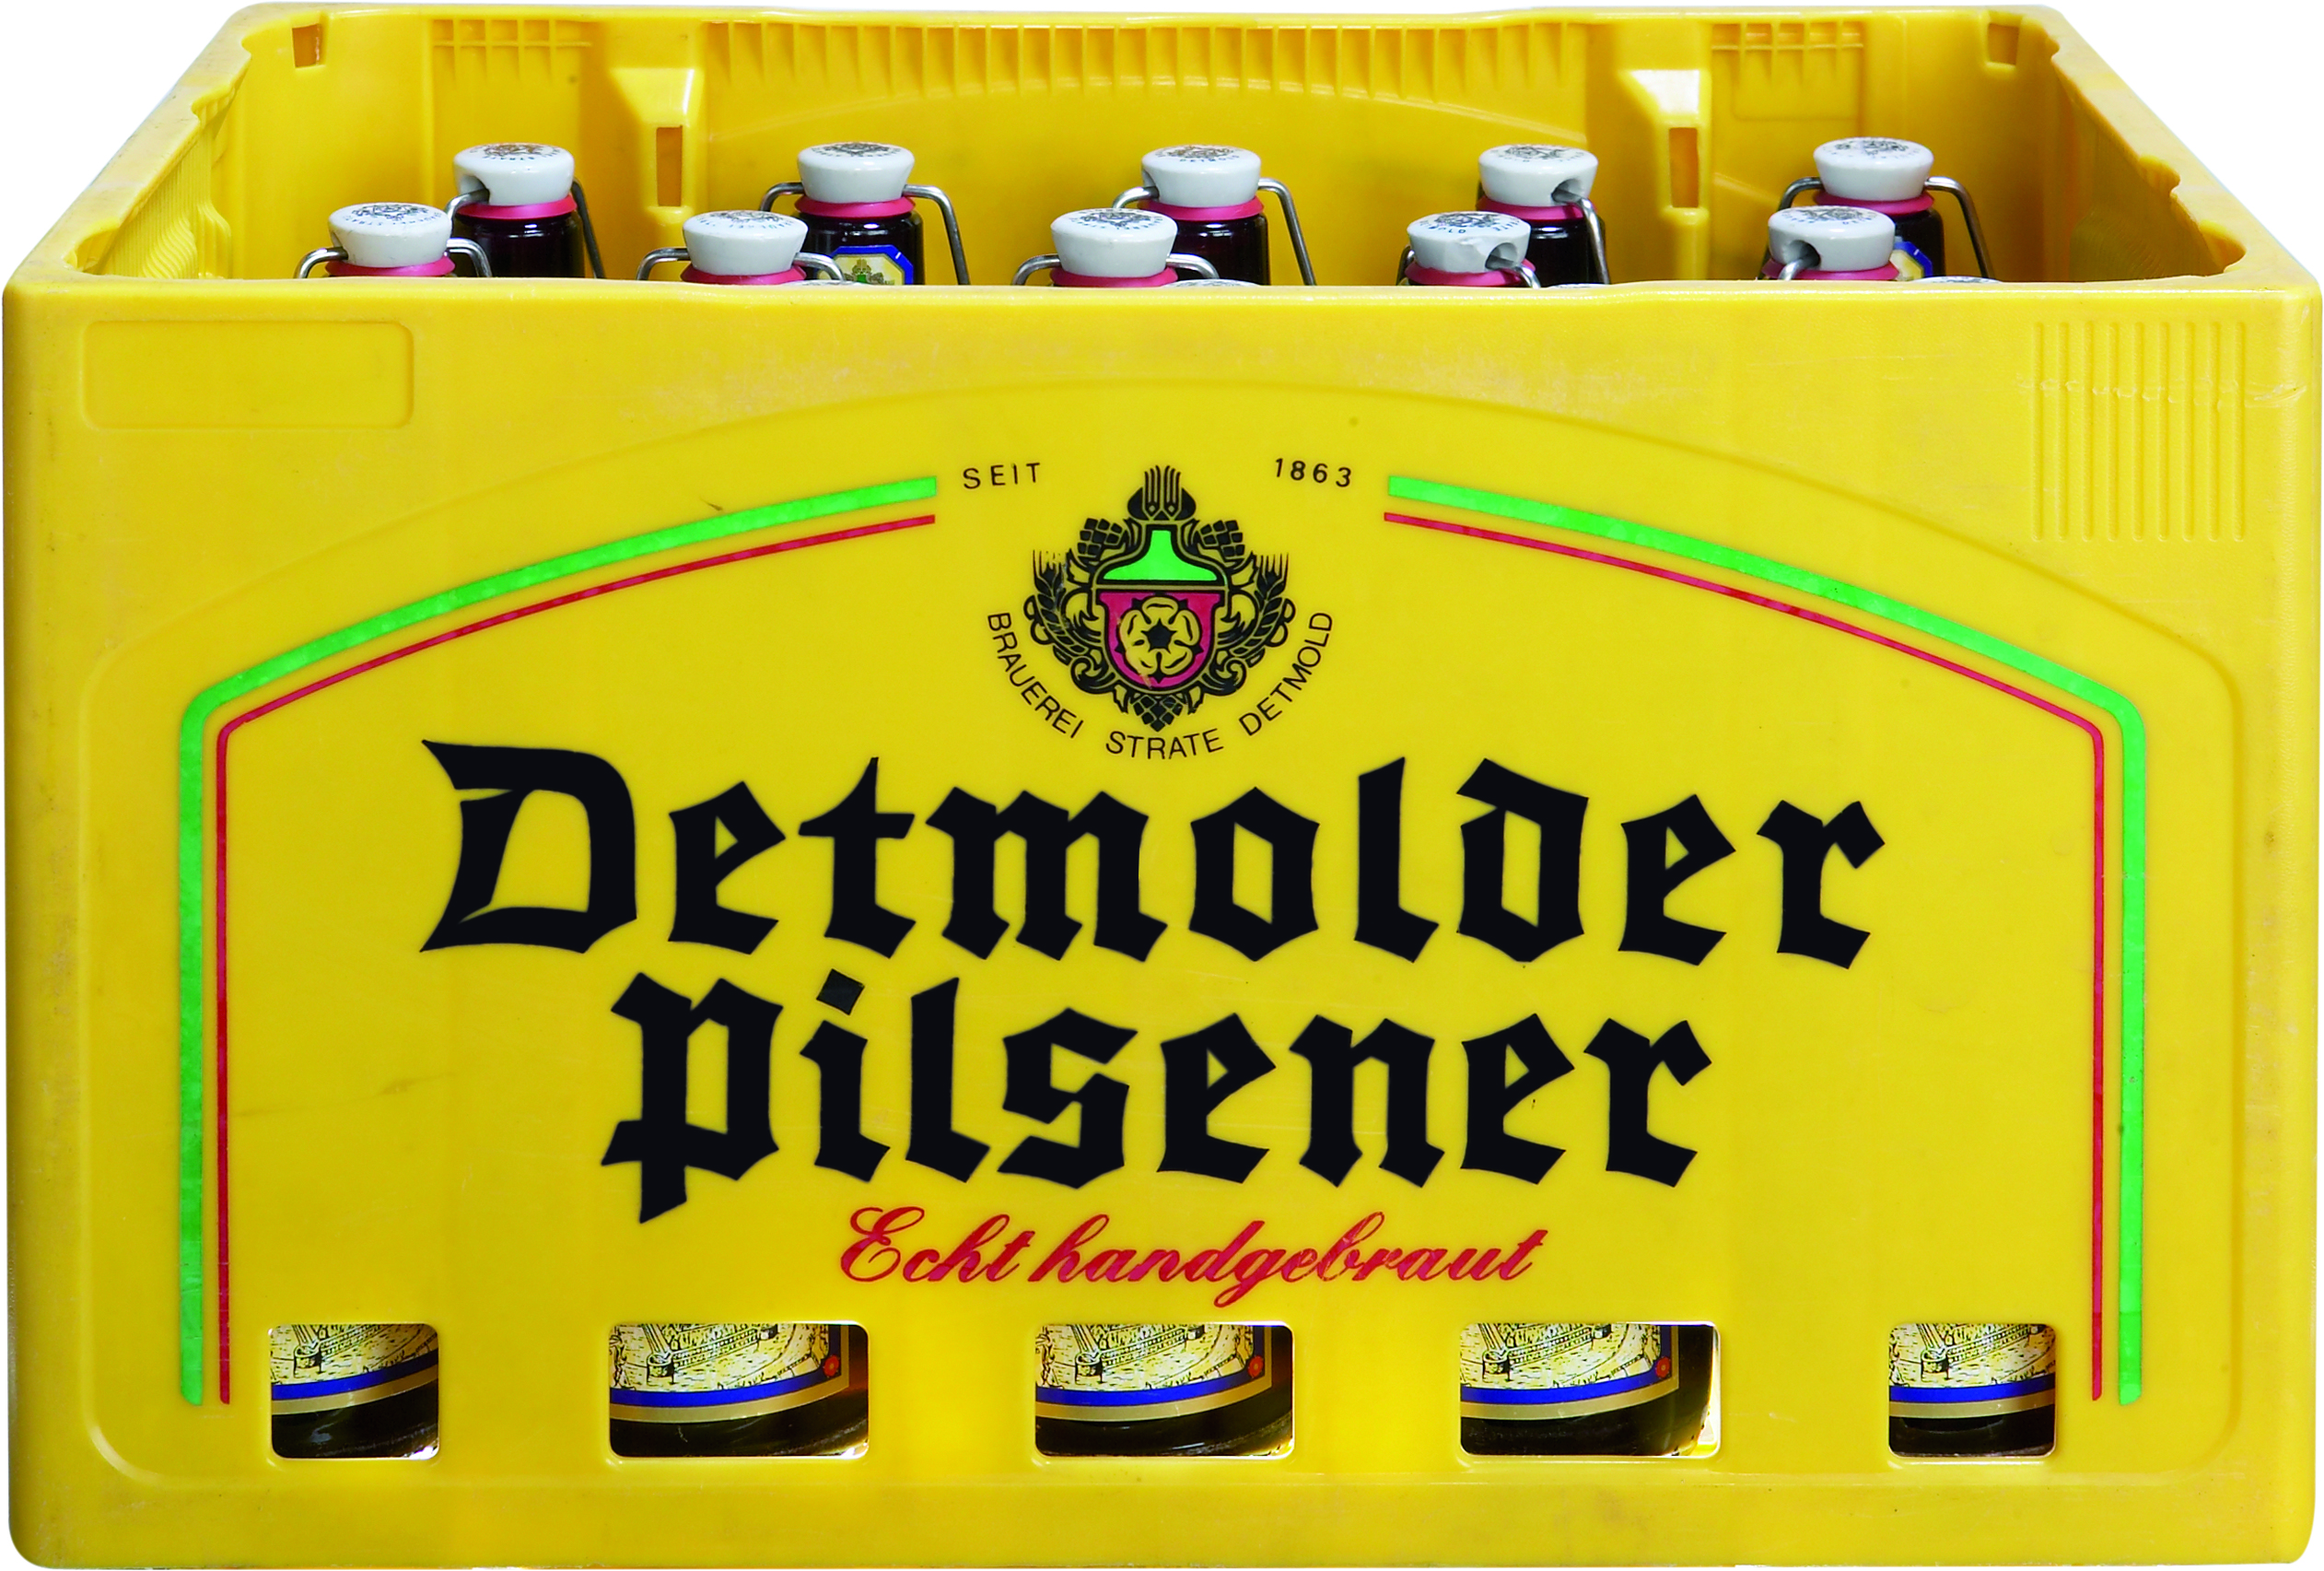 Detmolder Pils Kasten Image